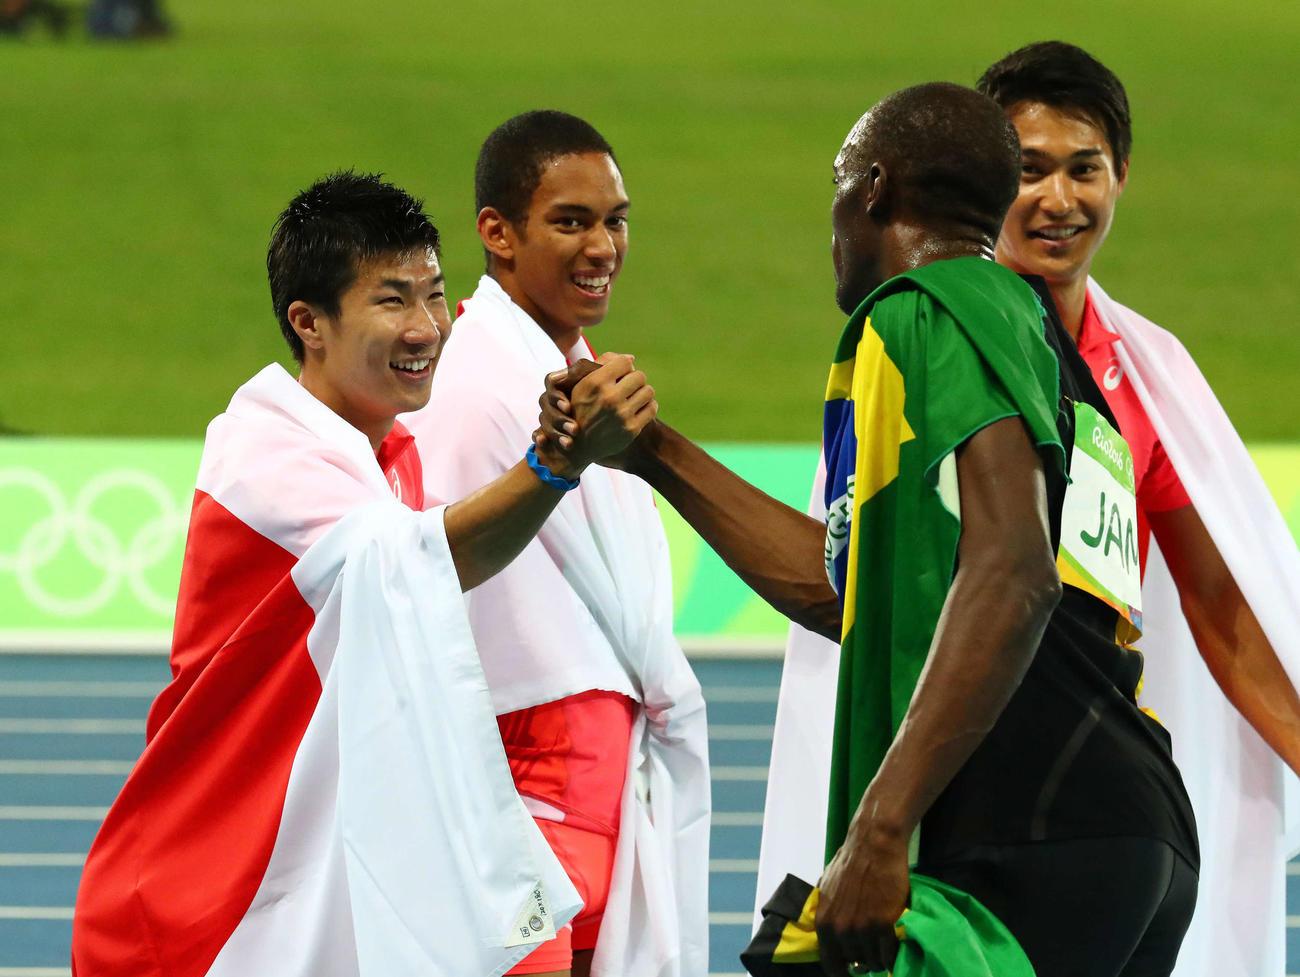 男子400メートルリレー決勝 優勝したジャマイカのボルト(右)と握手をかわす桐生。後方左からケンブリッジ、飯塚(2016年8月19日撮影)